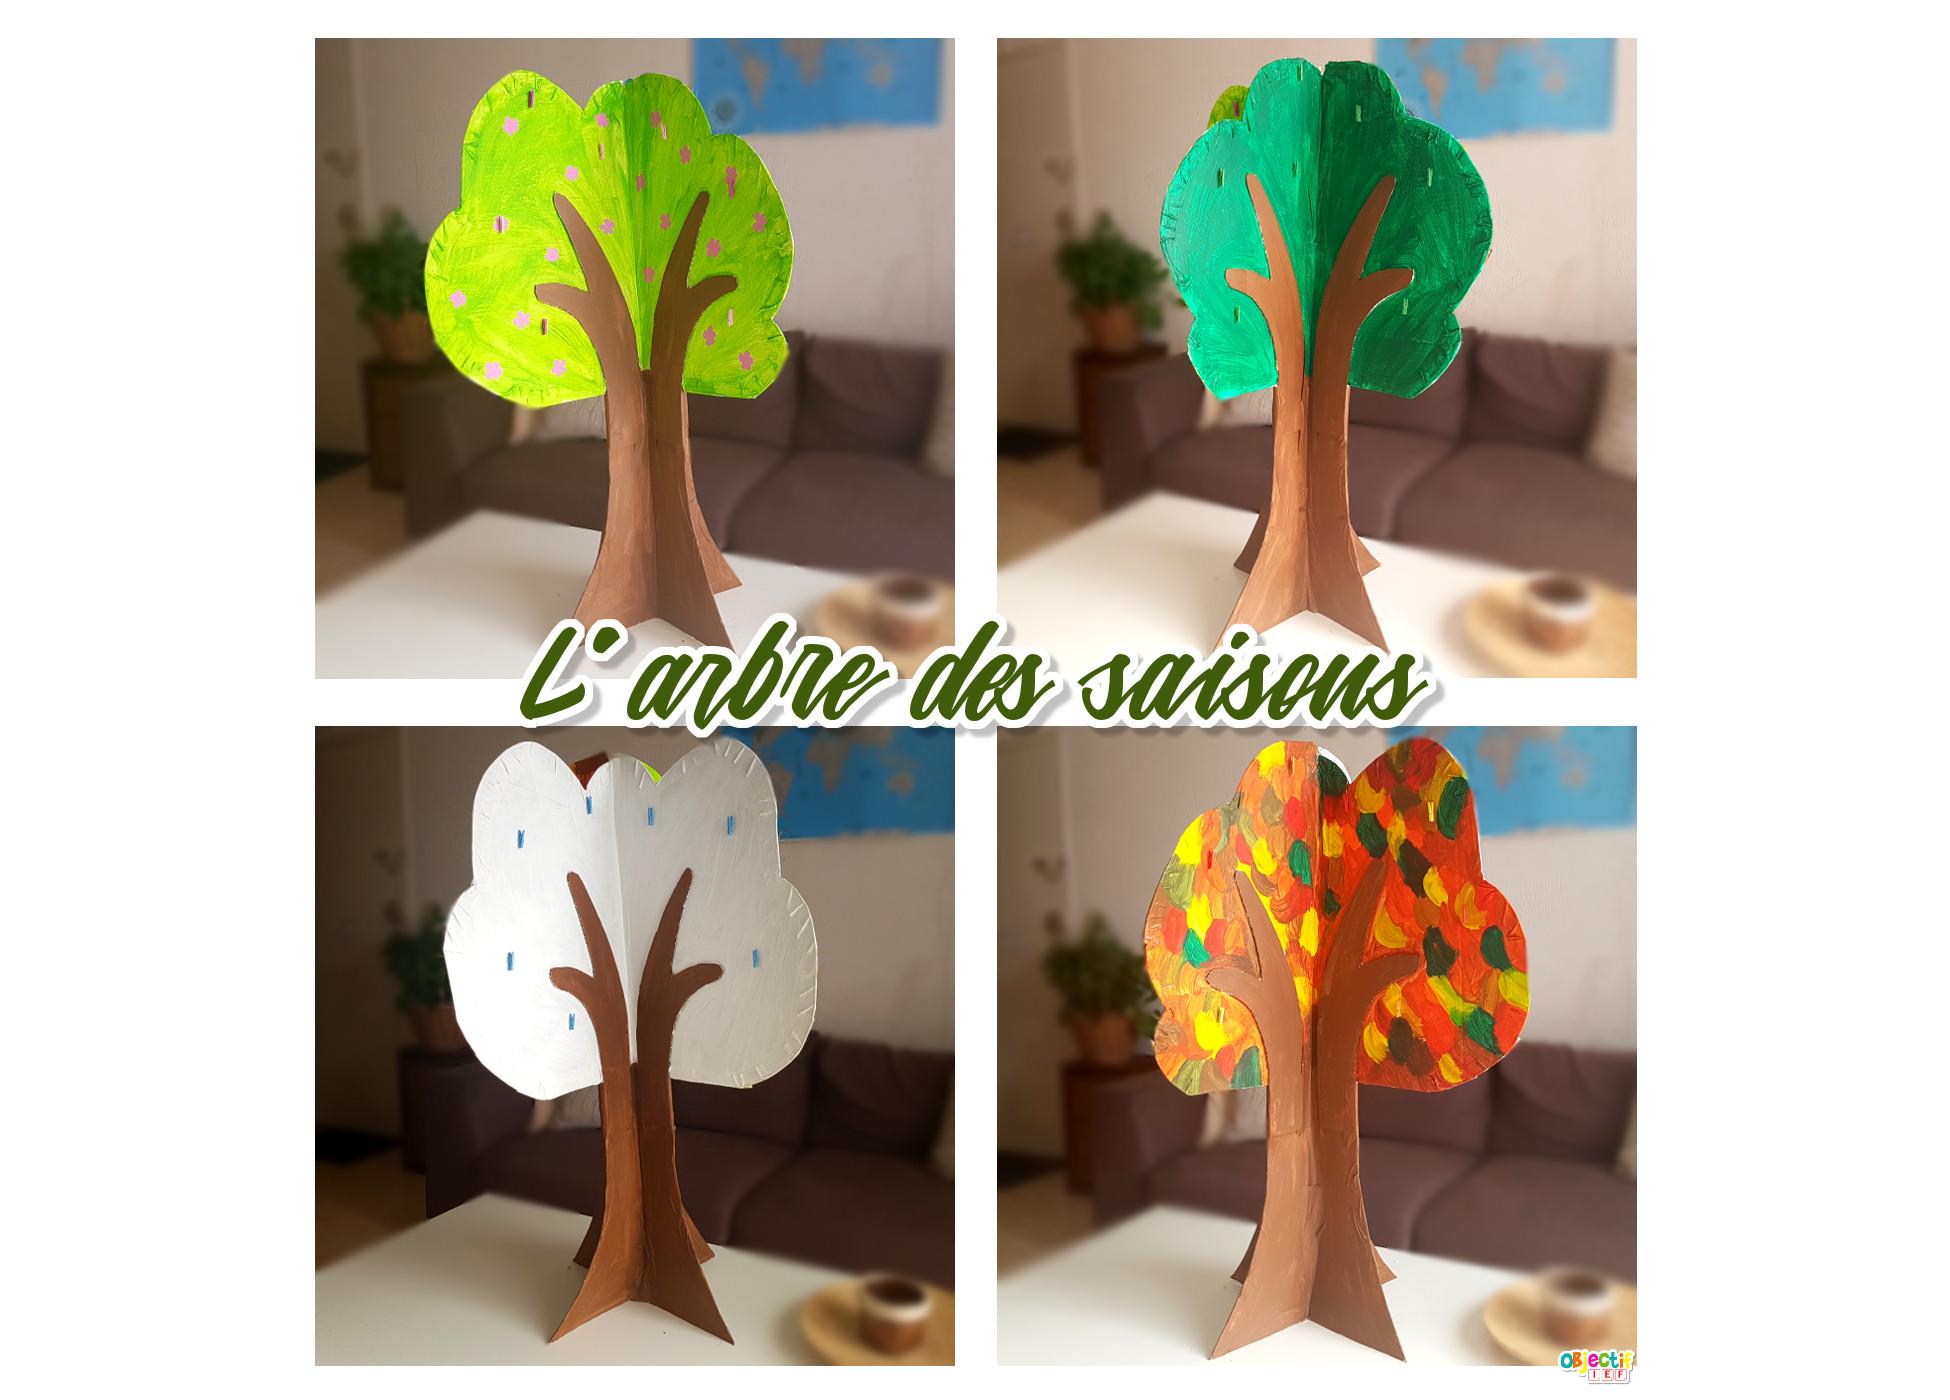 activité arbre des saisons IEF instruction en famille activité enfant objectif IEF